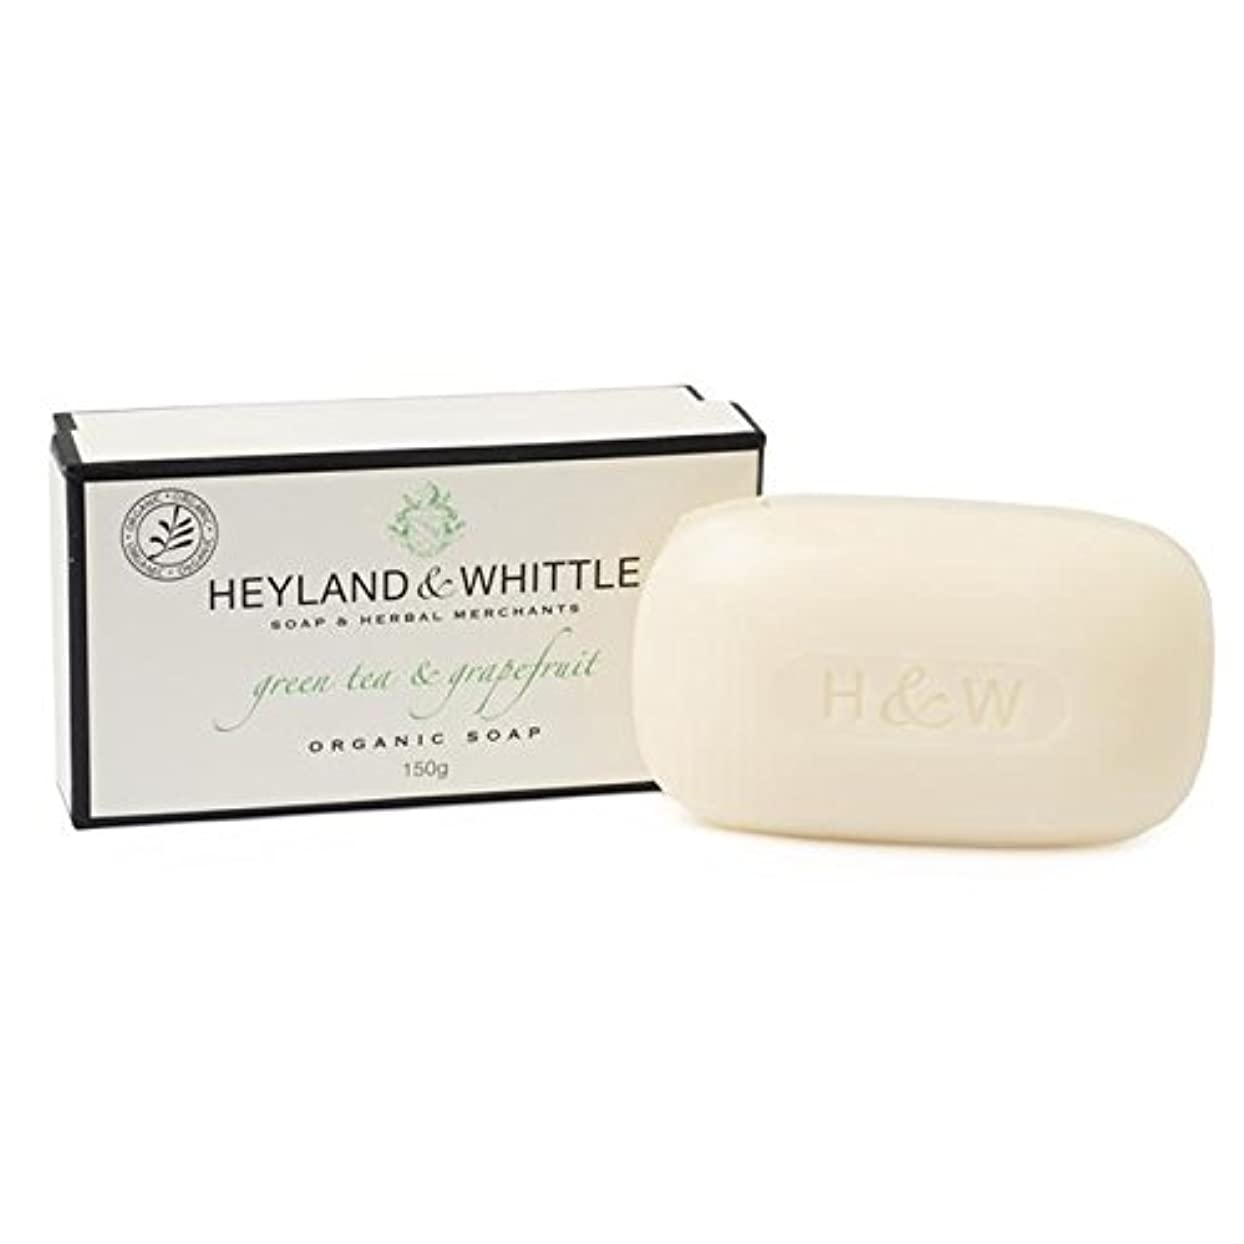 写真を撮るオーラル観光に行く&削る緑茶&グレープフルーツはオーガニックソープ150グラム箱入り x2 - Heyland & Whittle Green Tea & Grapefruit Boxed Organic Soap 150g (Pack...